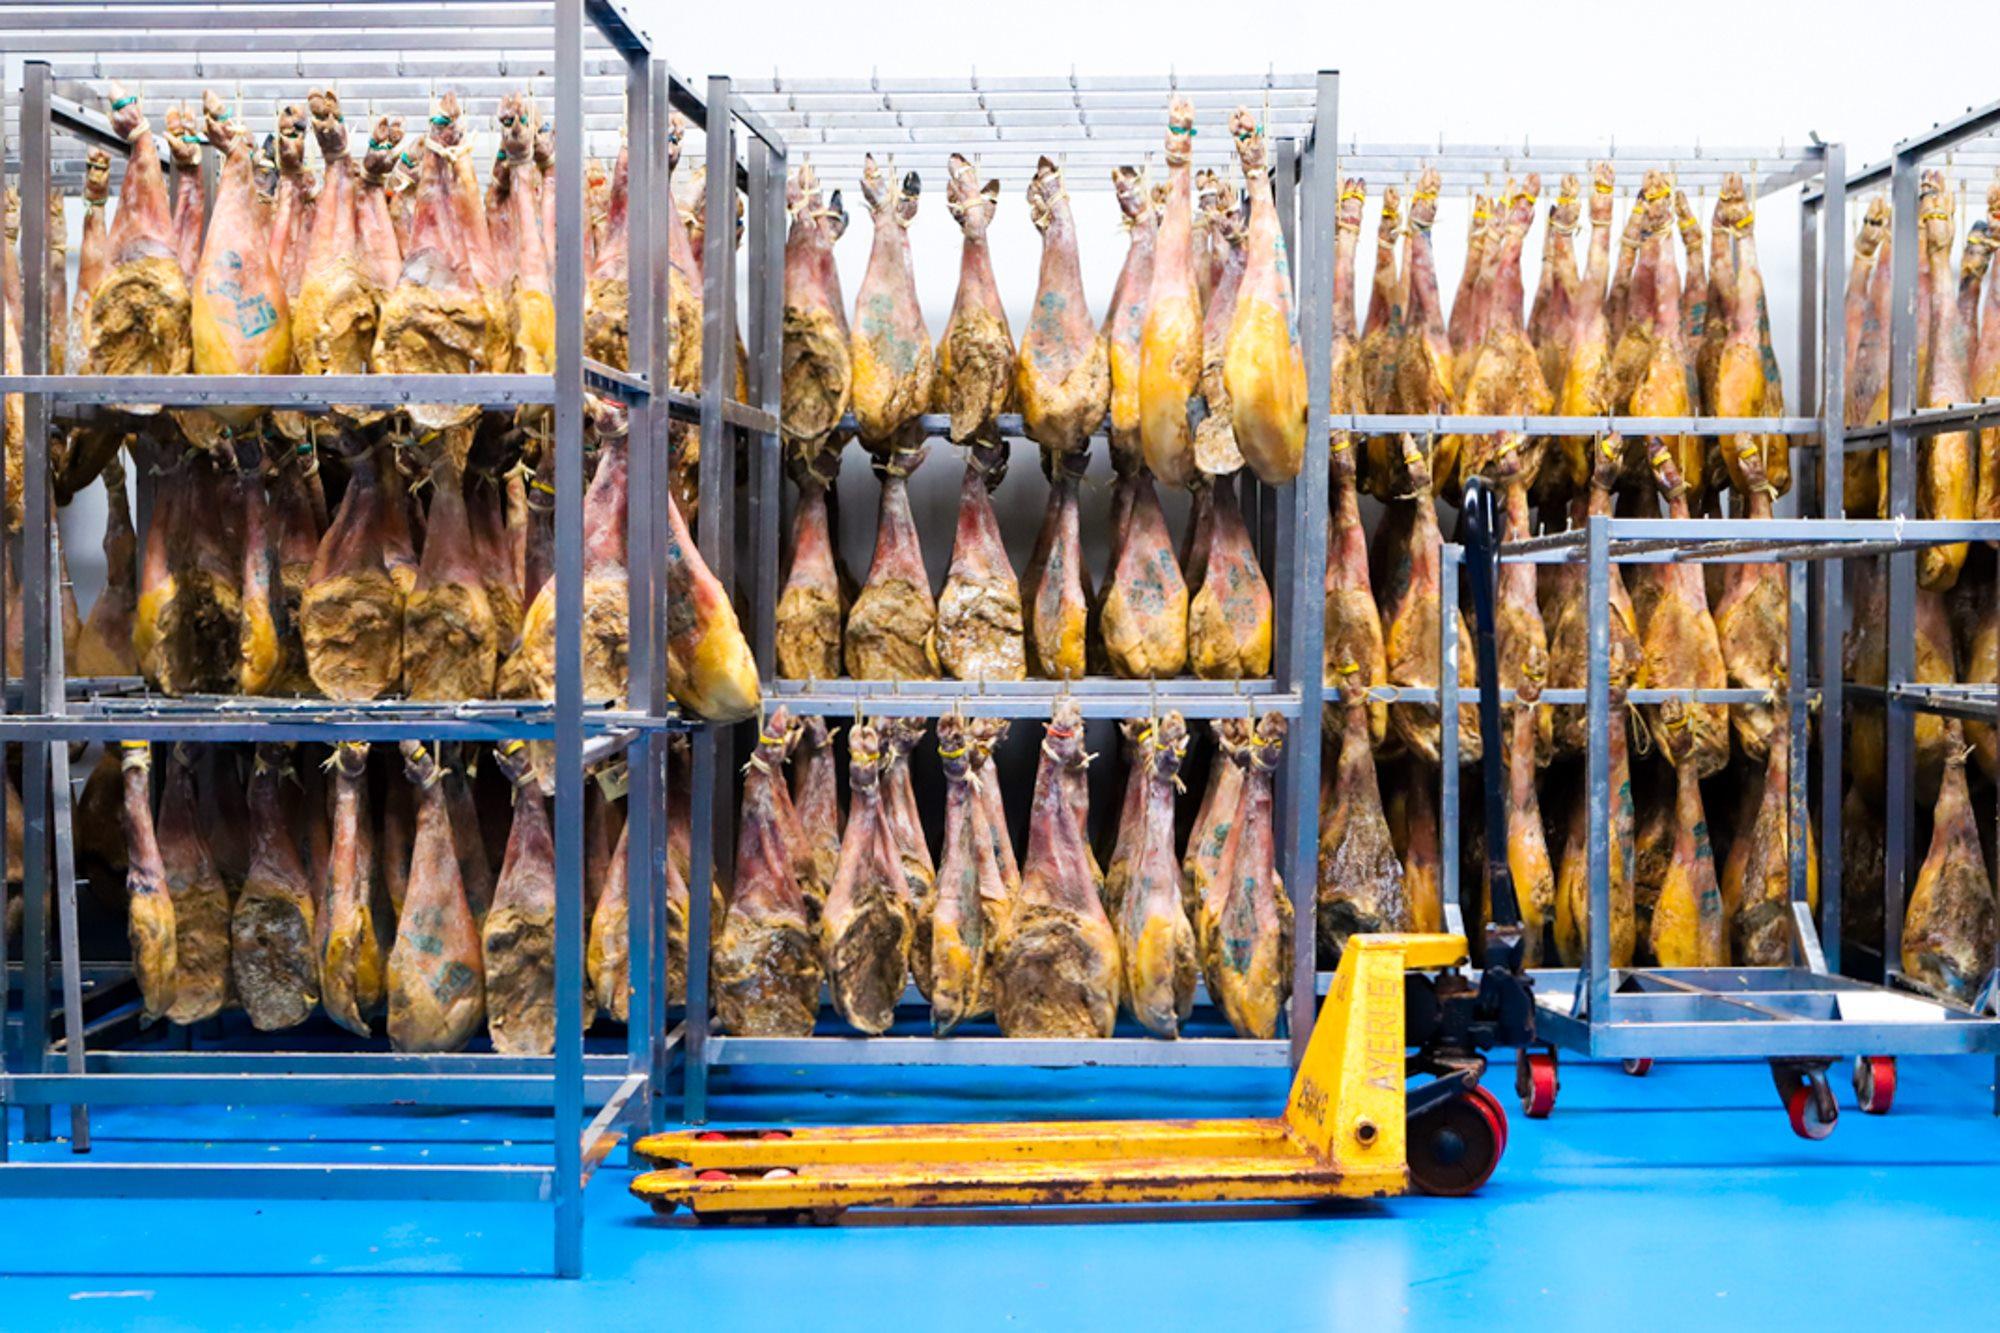 El beneficio económico más importante se obtiene con la venta de jamones.